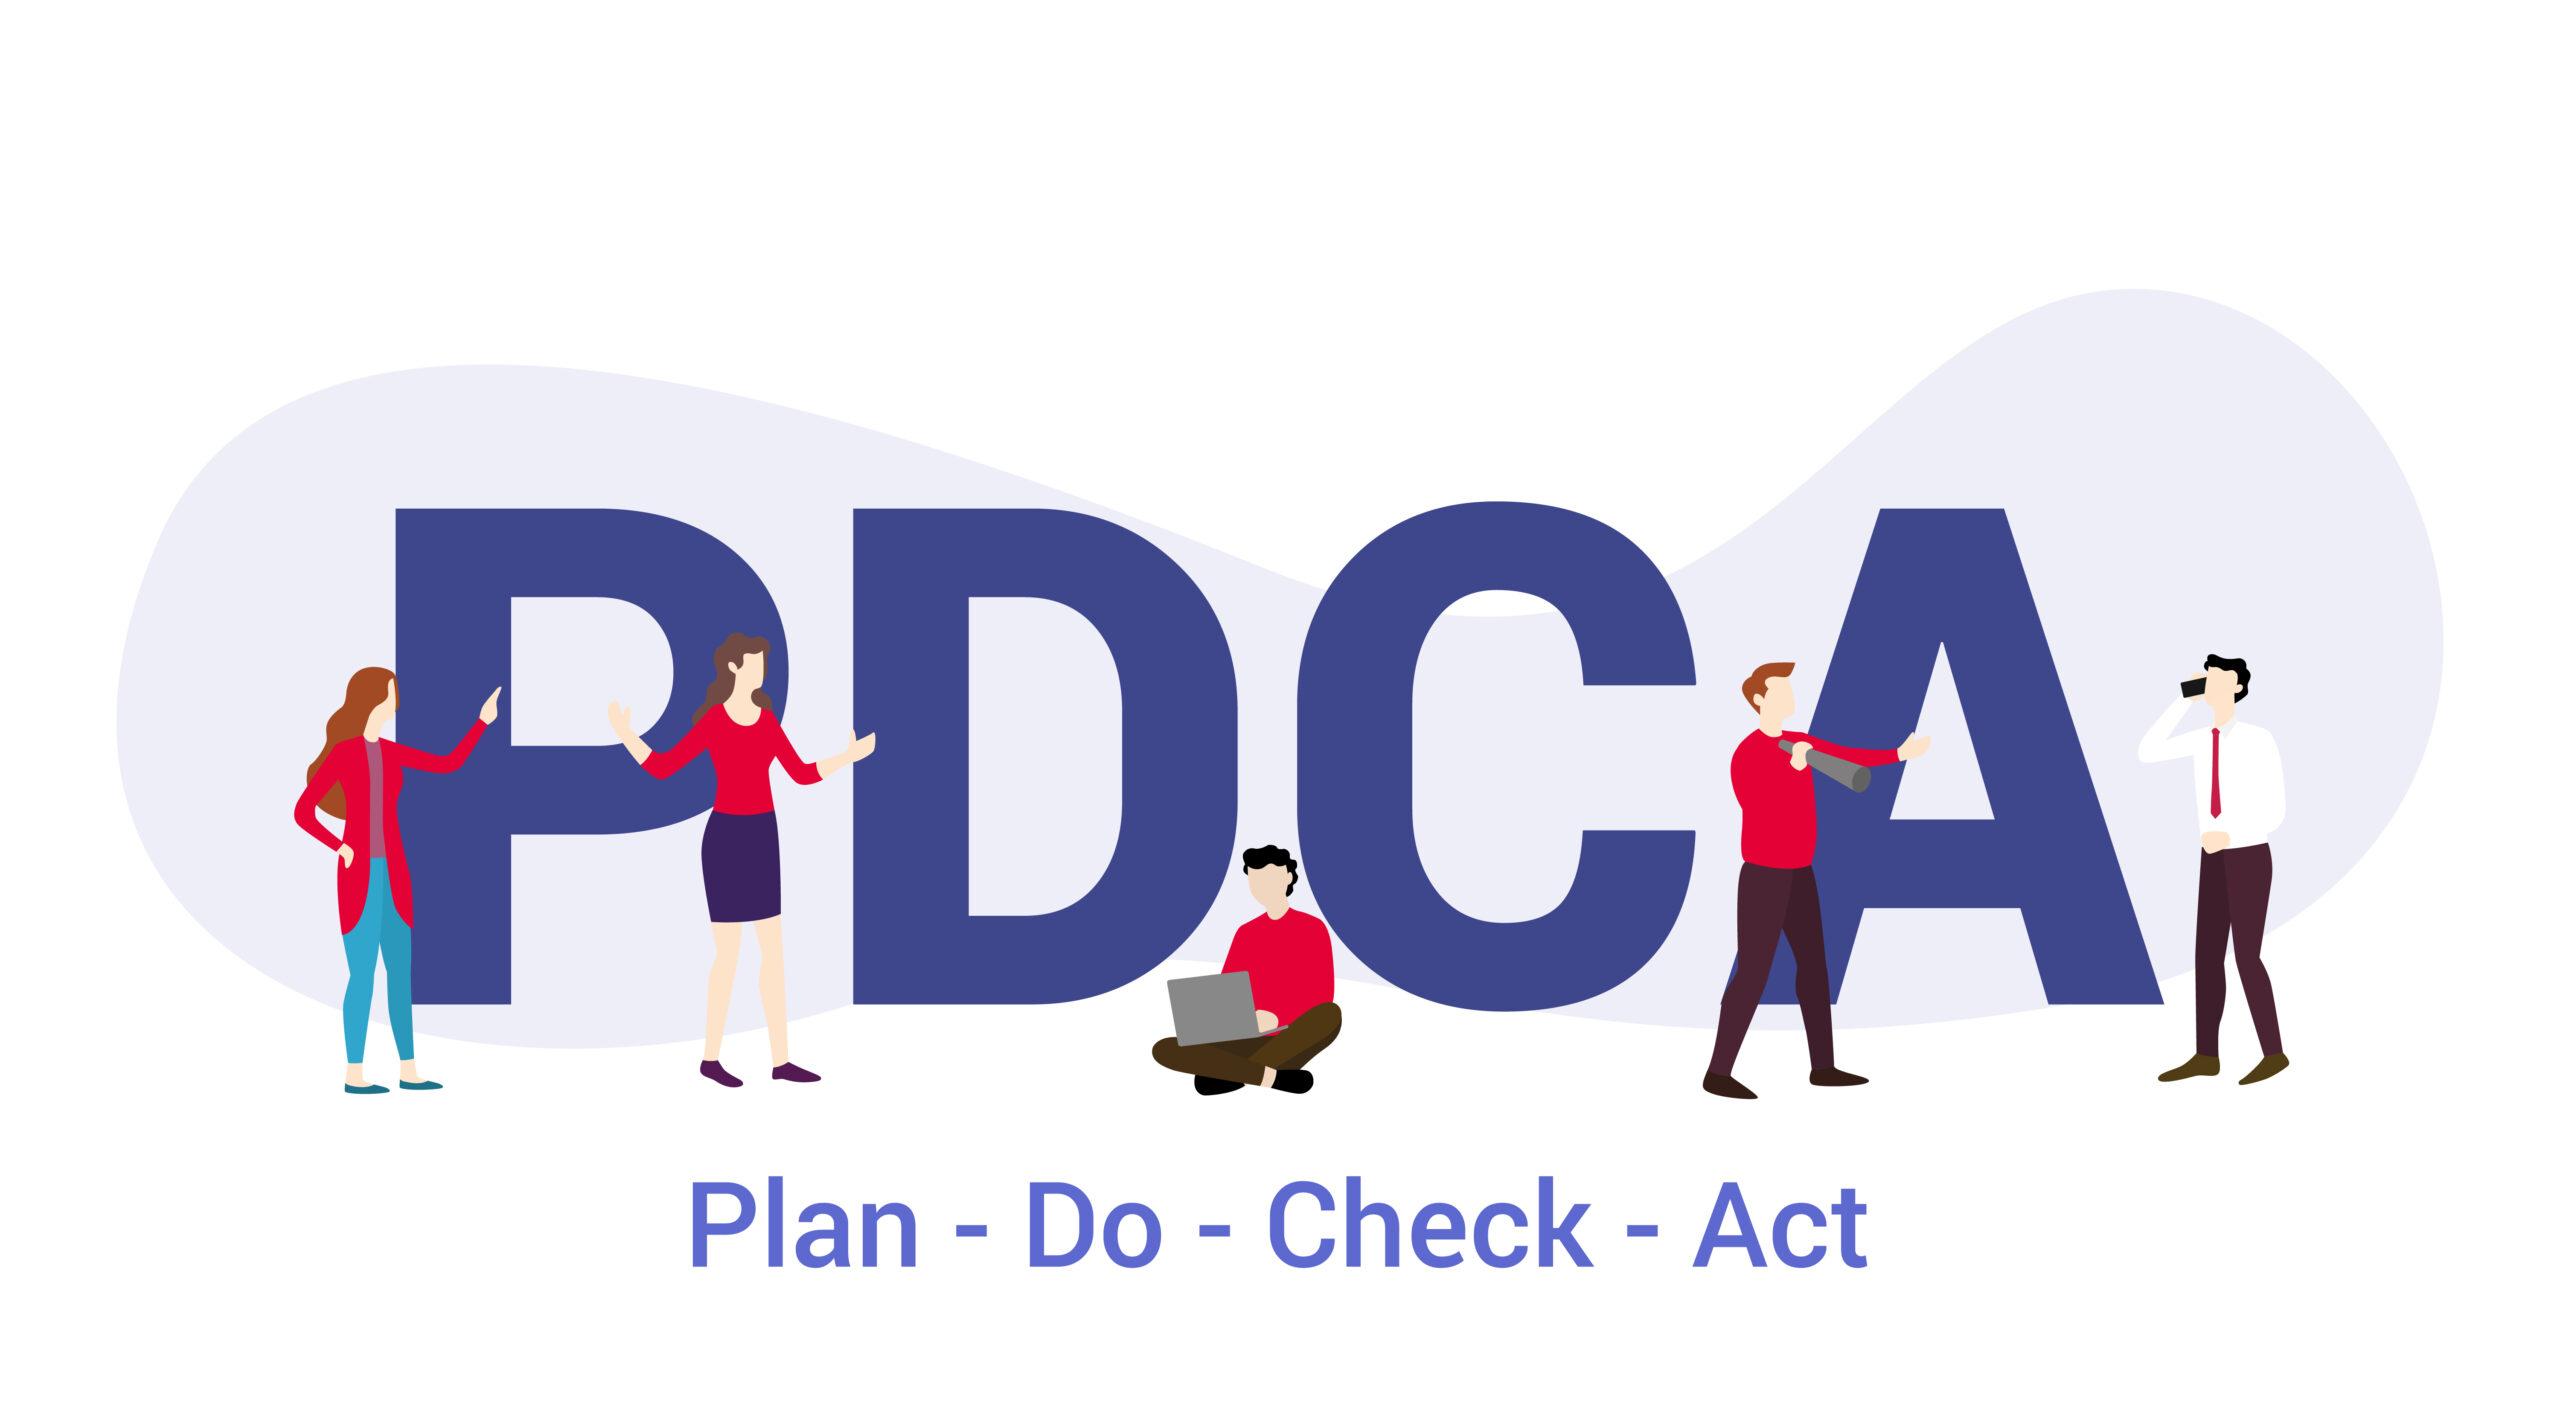 Ciclo PDCA: uma das principais ferramentas de gestão da qualidade